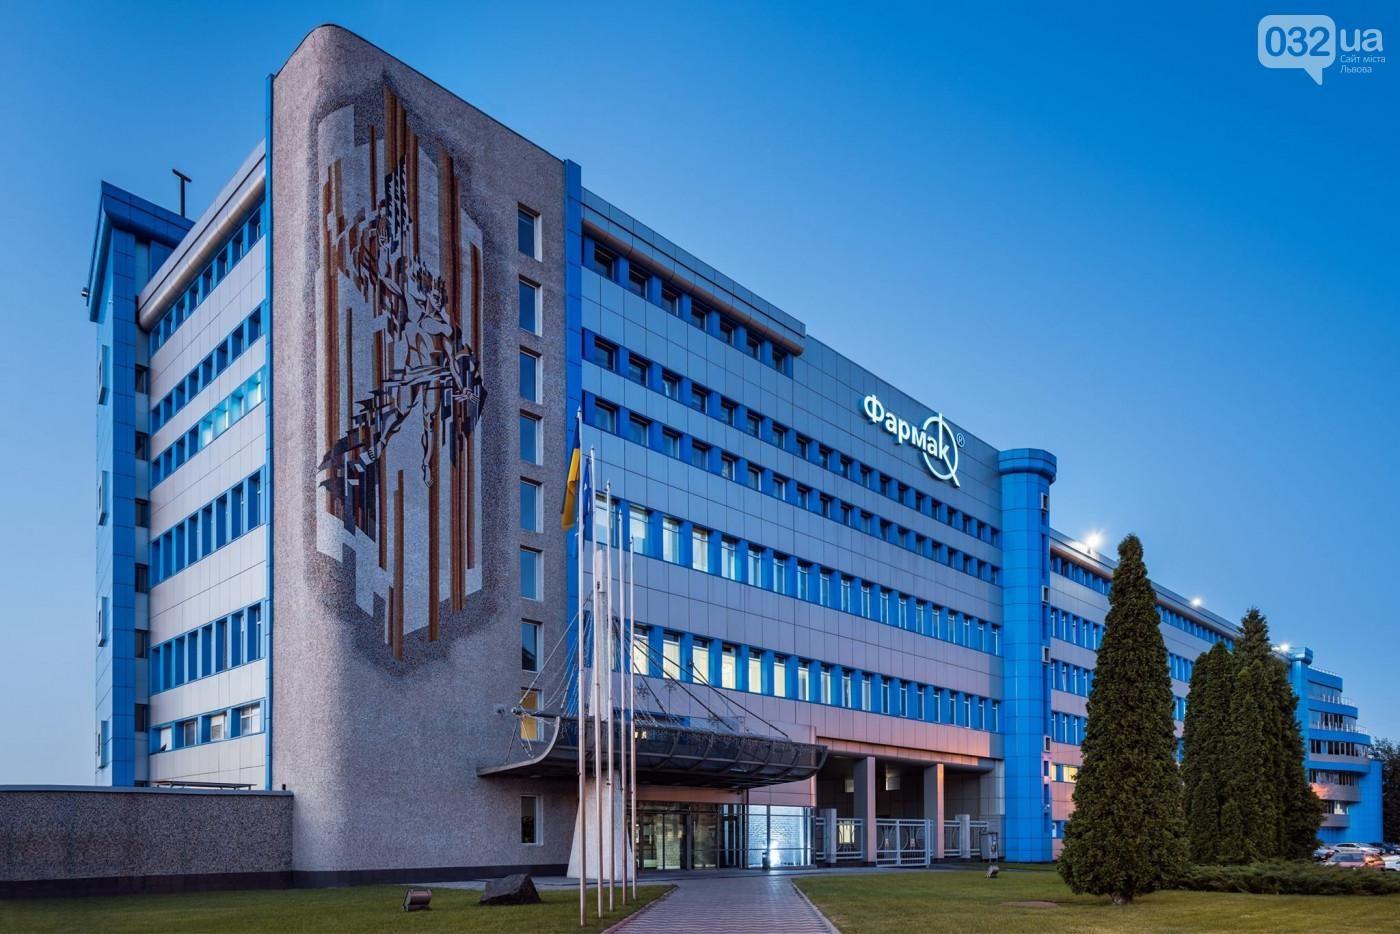 Компания 'Фармак' увеличила производство лекарственных средств - Новости Украины - 24 Канал